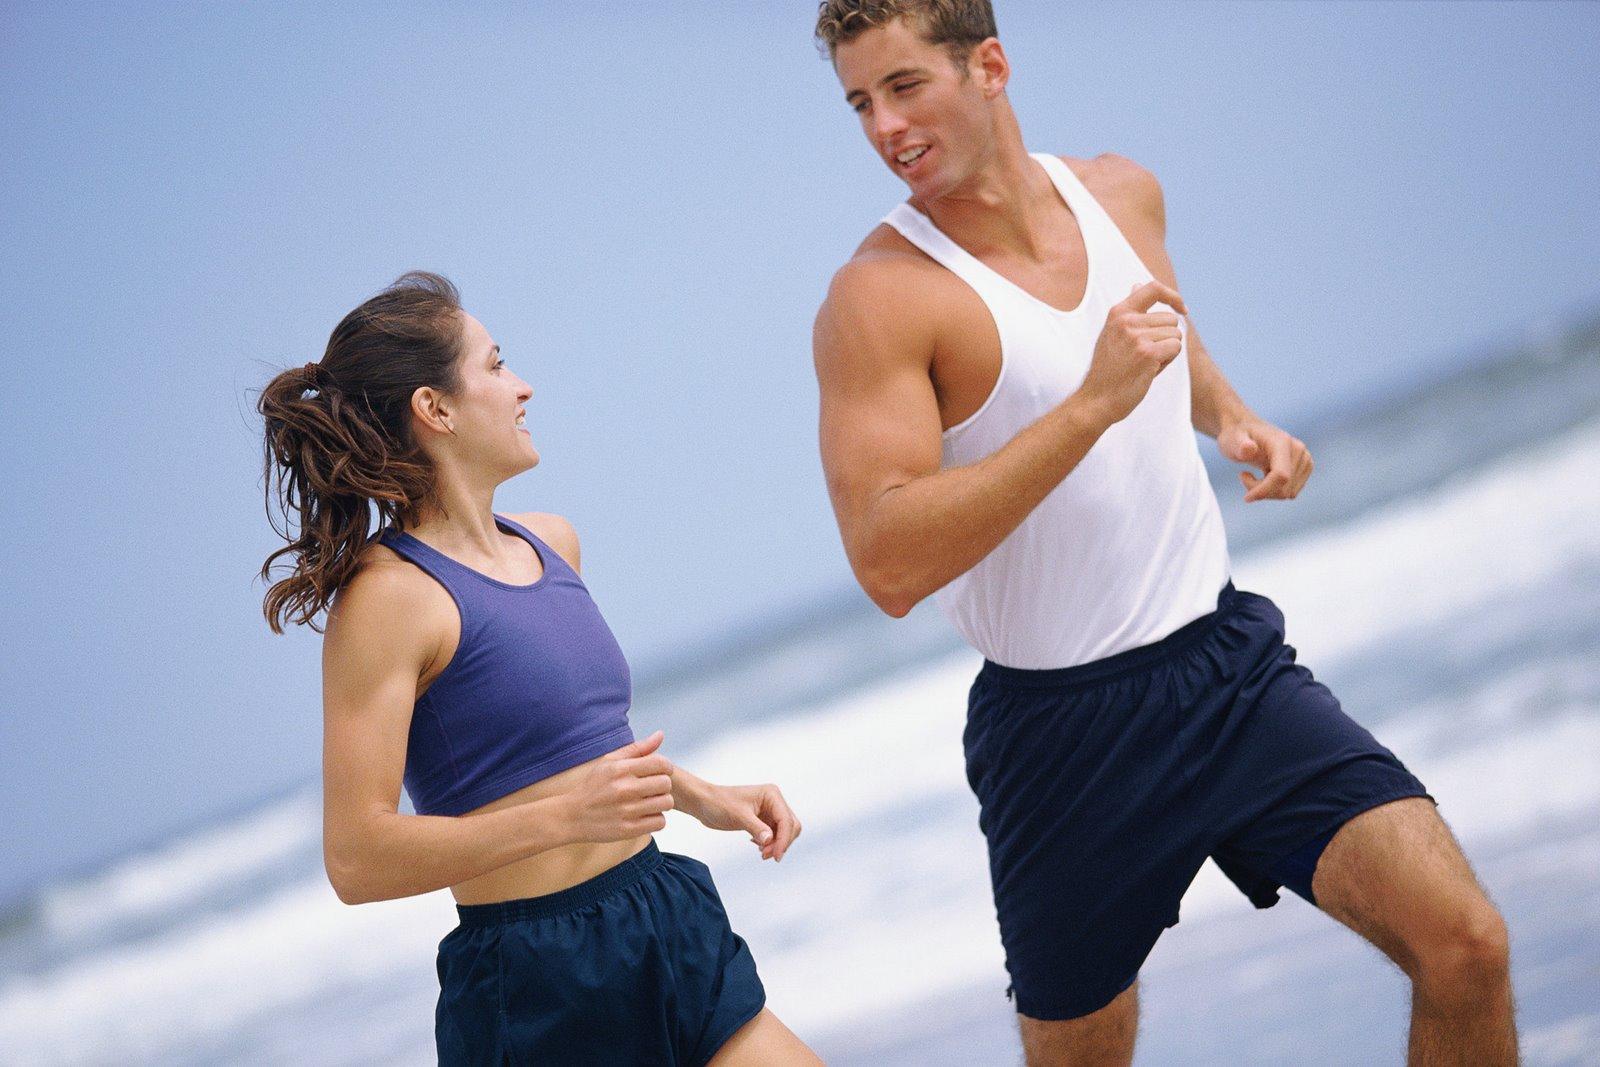 Kết quả hình ảnh cho young adult exercising